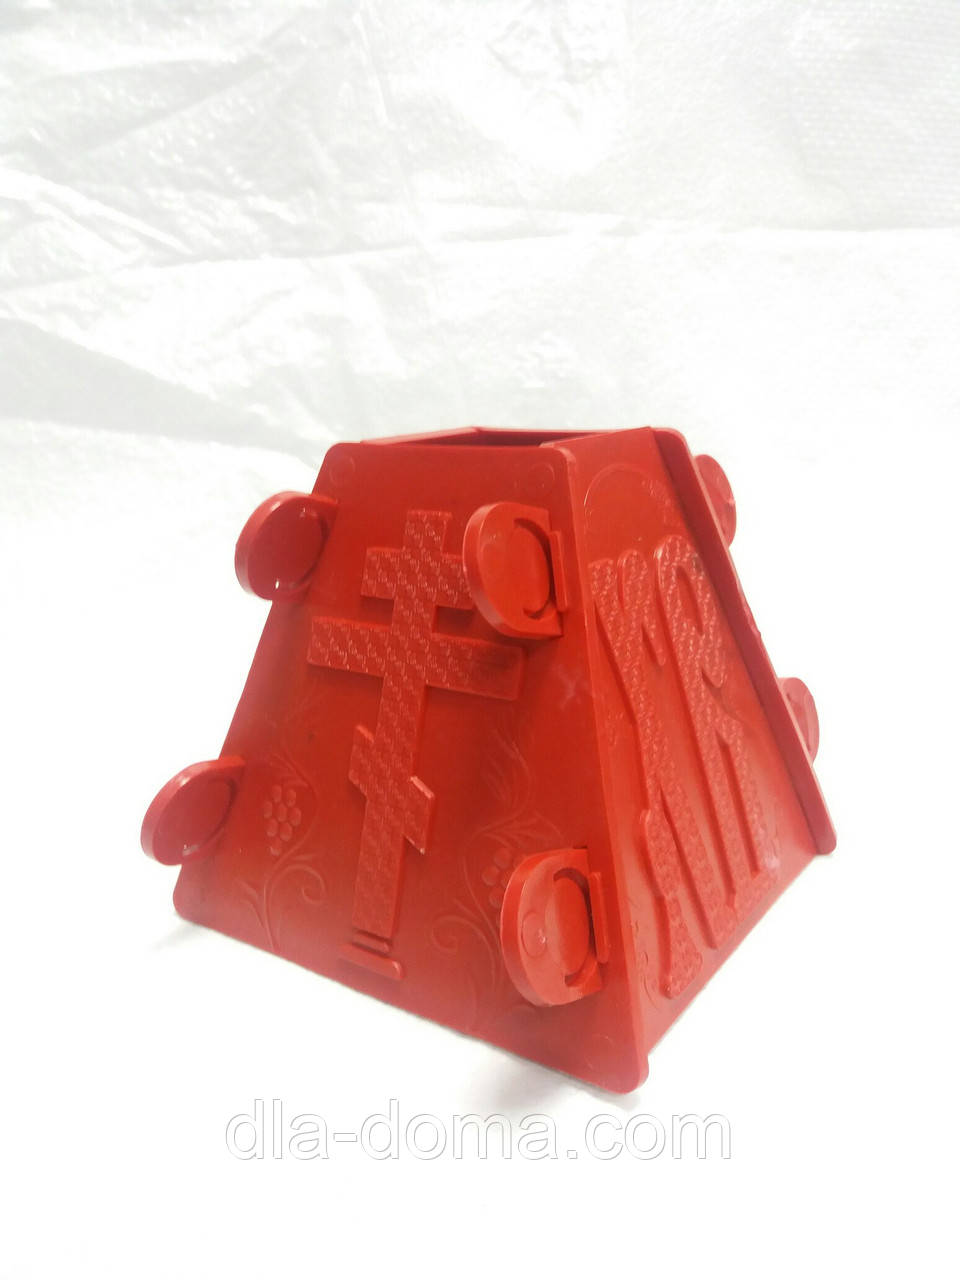 Форма для творожной пасхи пластиковая (малая)